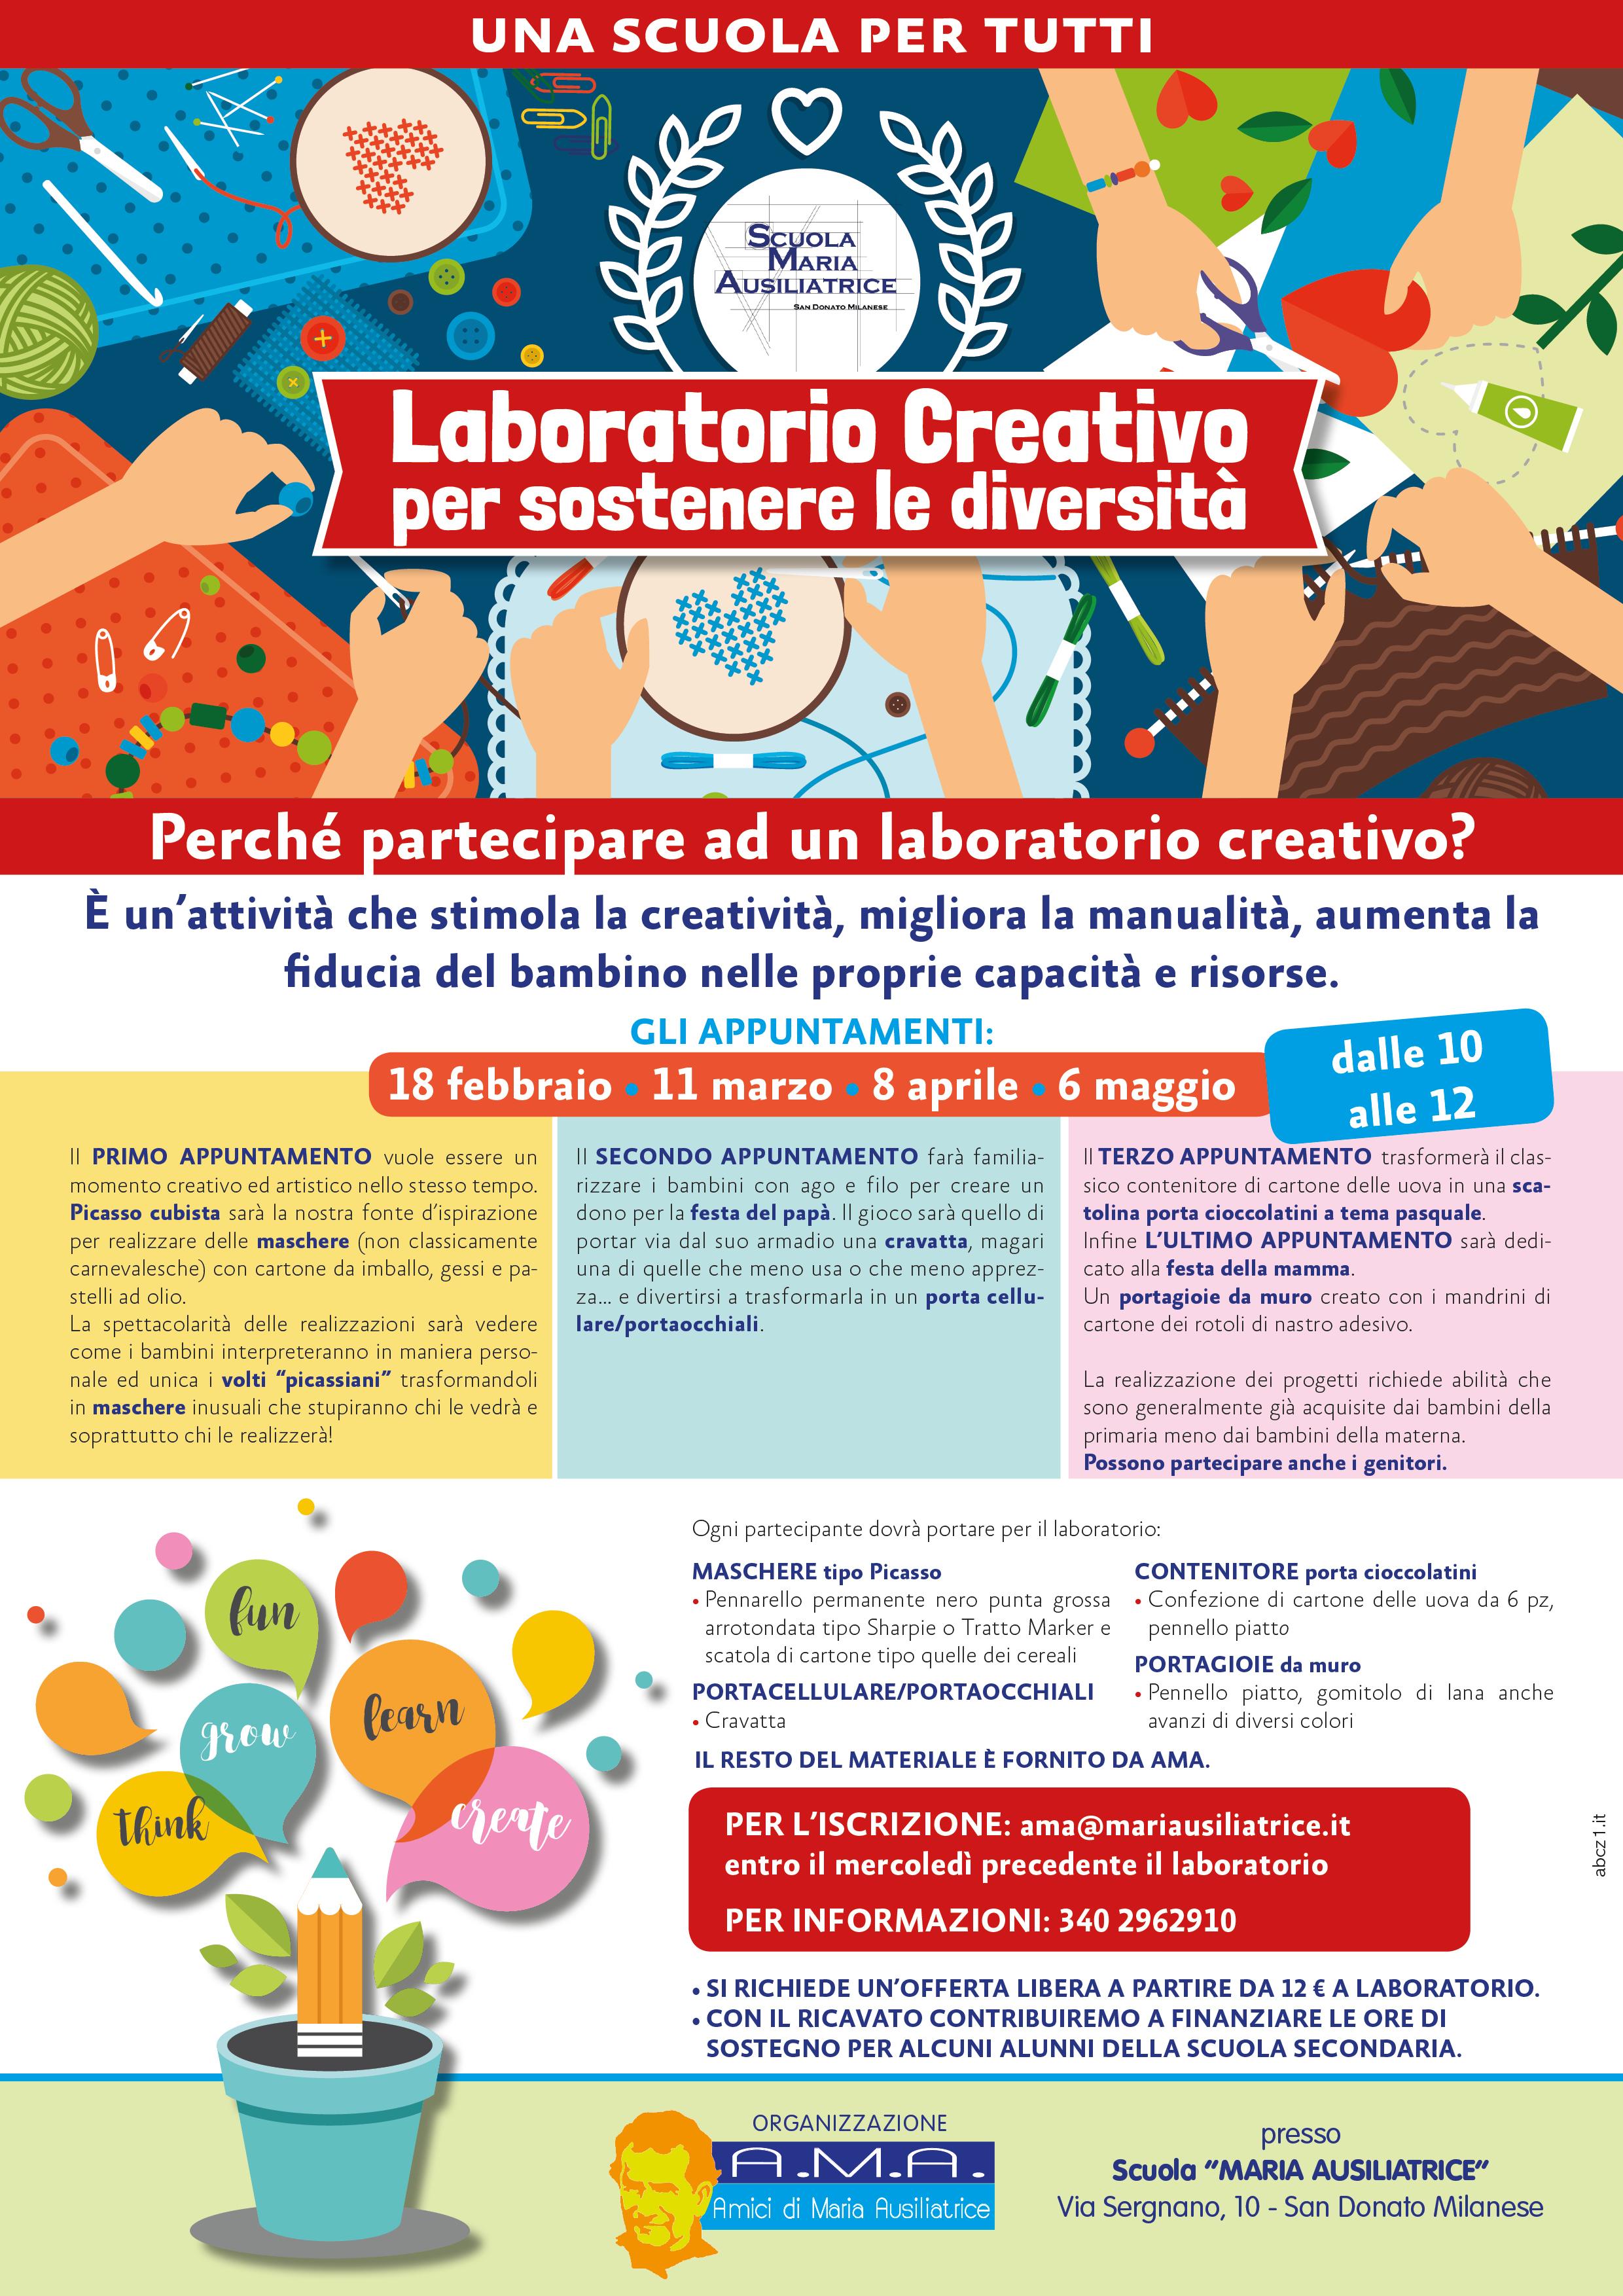 Conosciuto Laboratorio Creativo per le diversità - Scuola Maria Ausiliatrice OM61